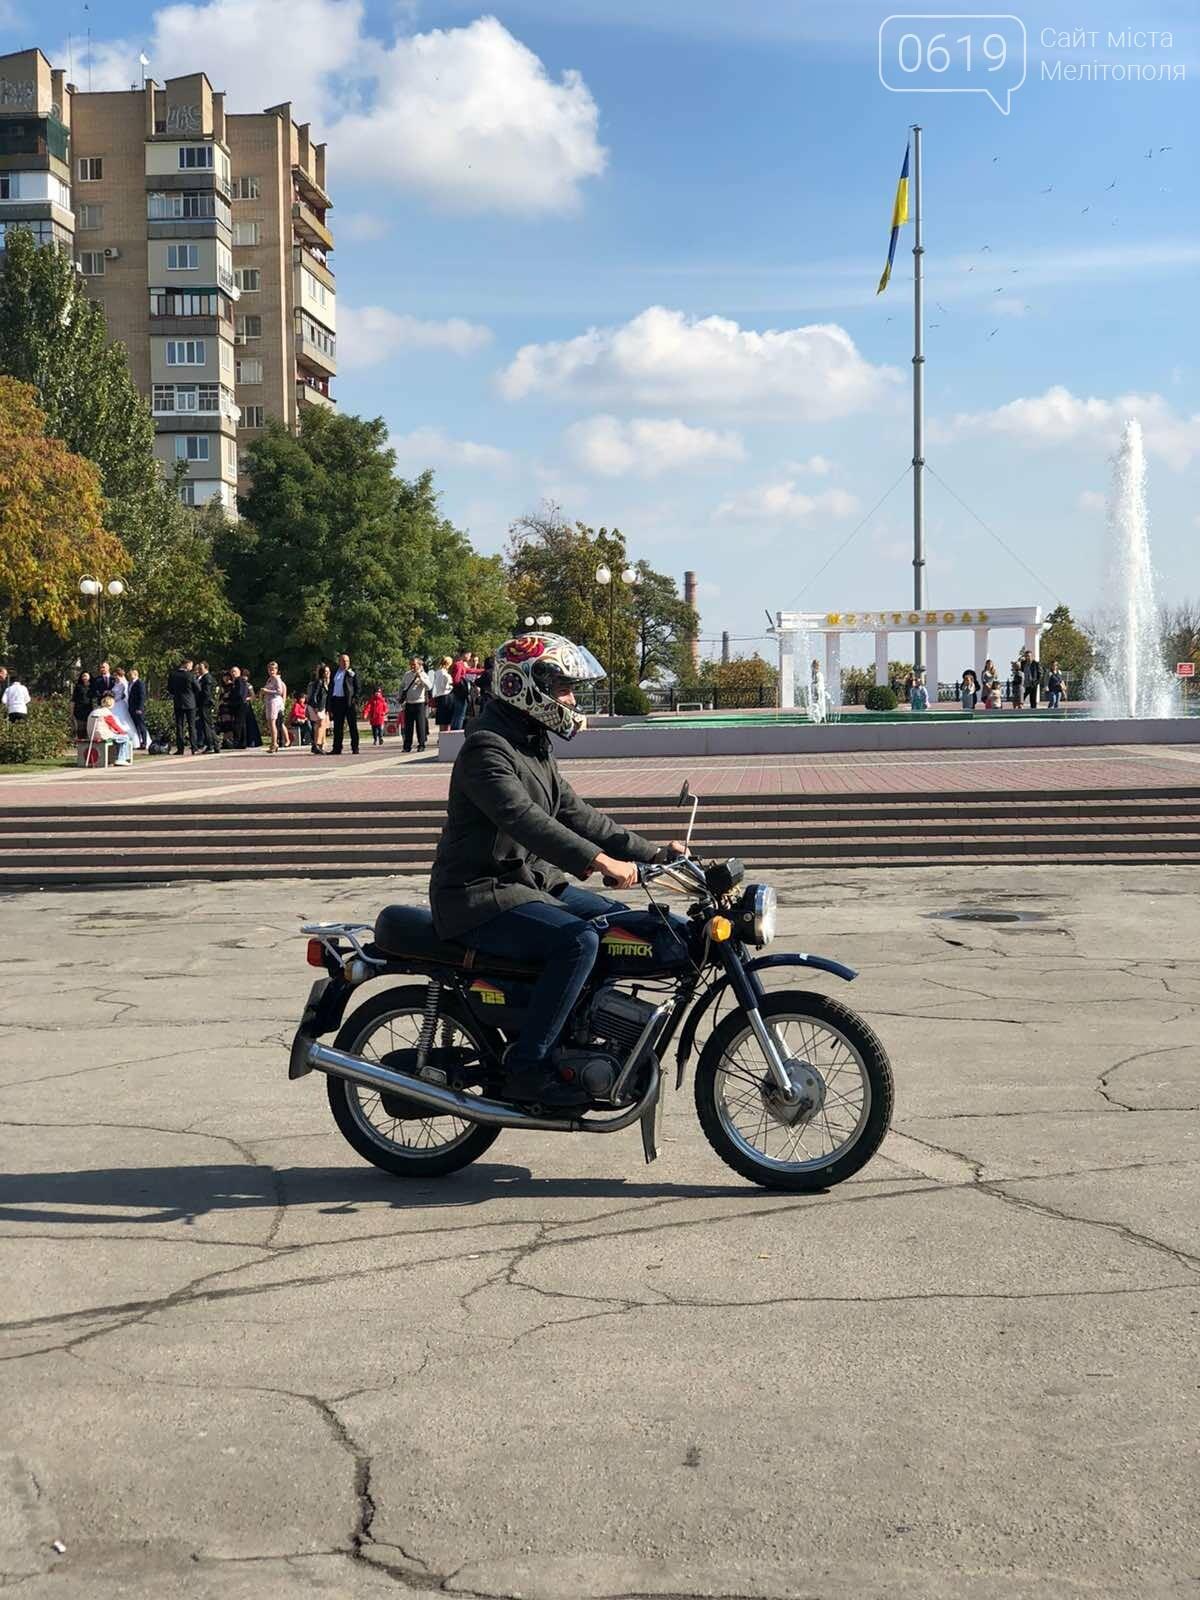 Байкеры проехали колонной по Мелитополю в честь закрытия мотосезона, - ФОТО, фото-8